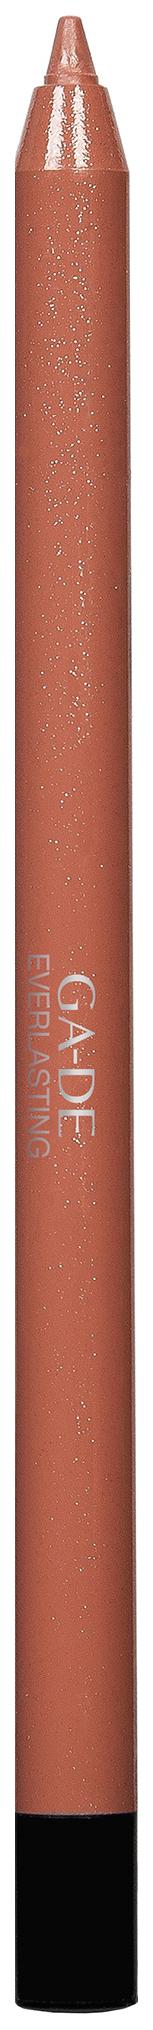 Карандаш для губ Ga-De Everlasting Lip Liner № 88 0,5 г фото